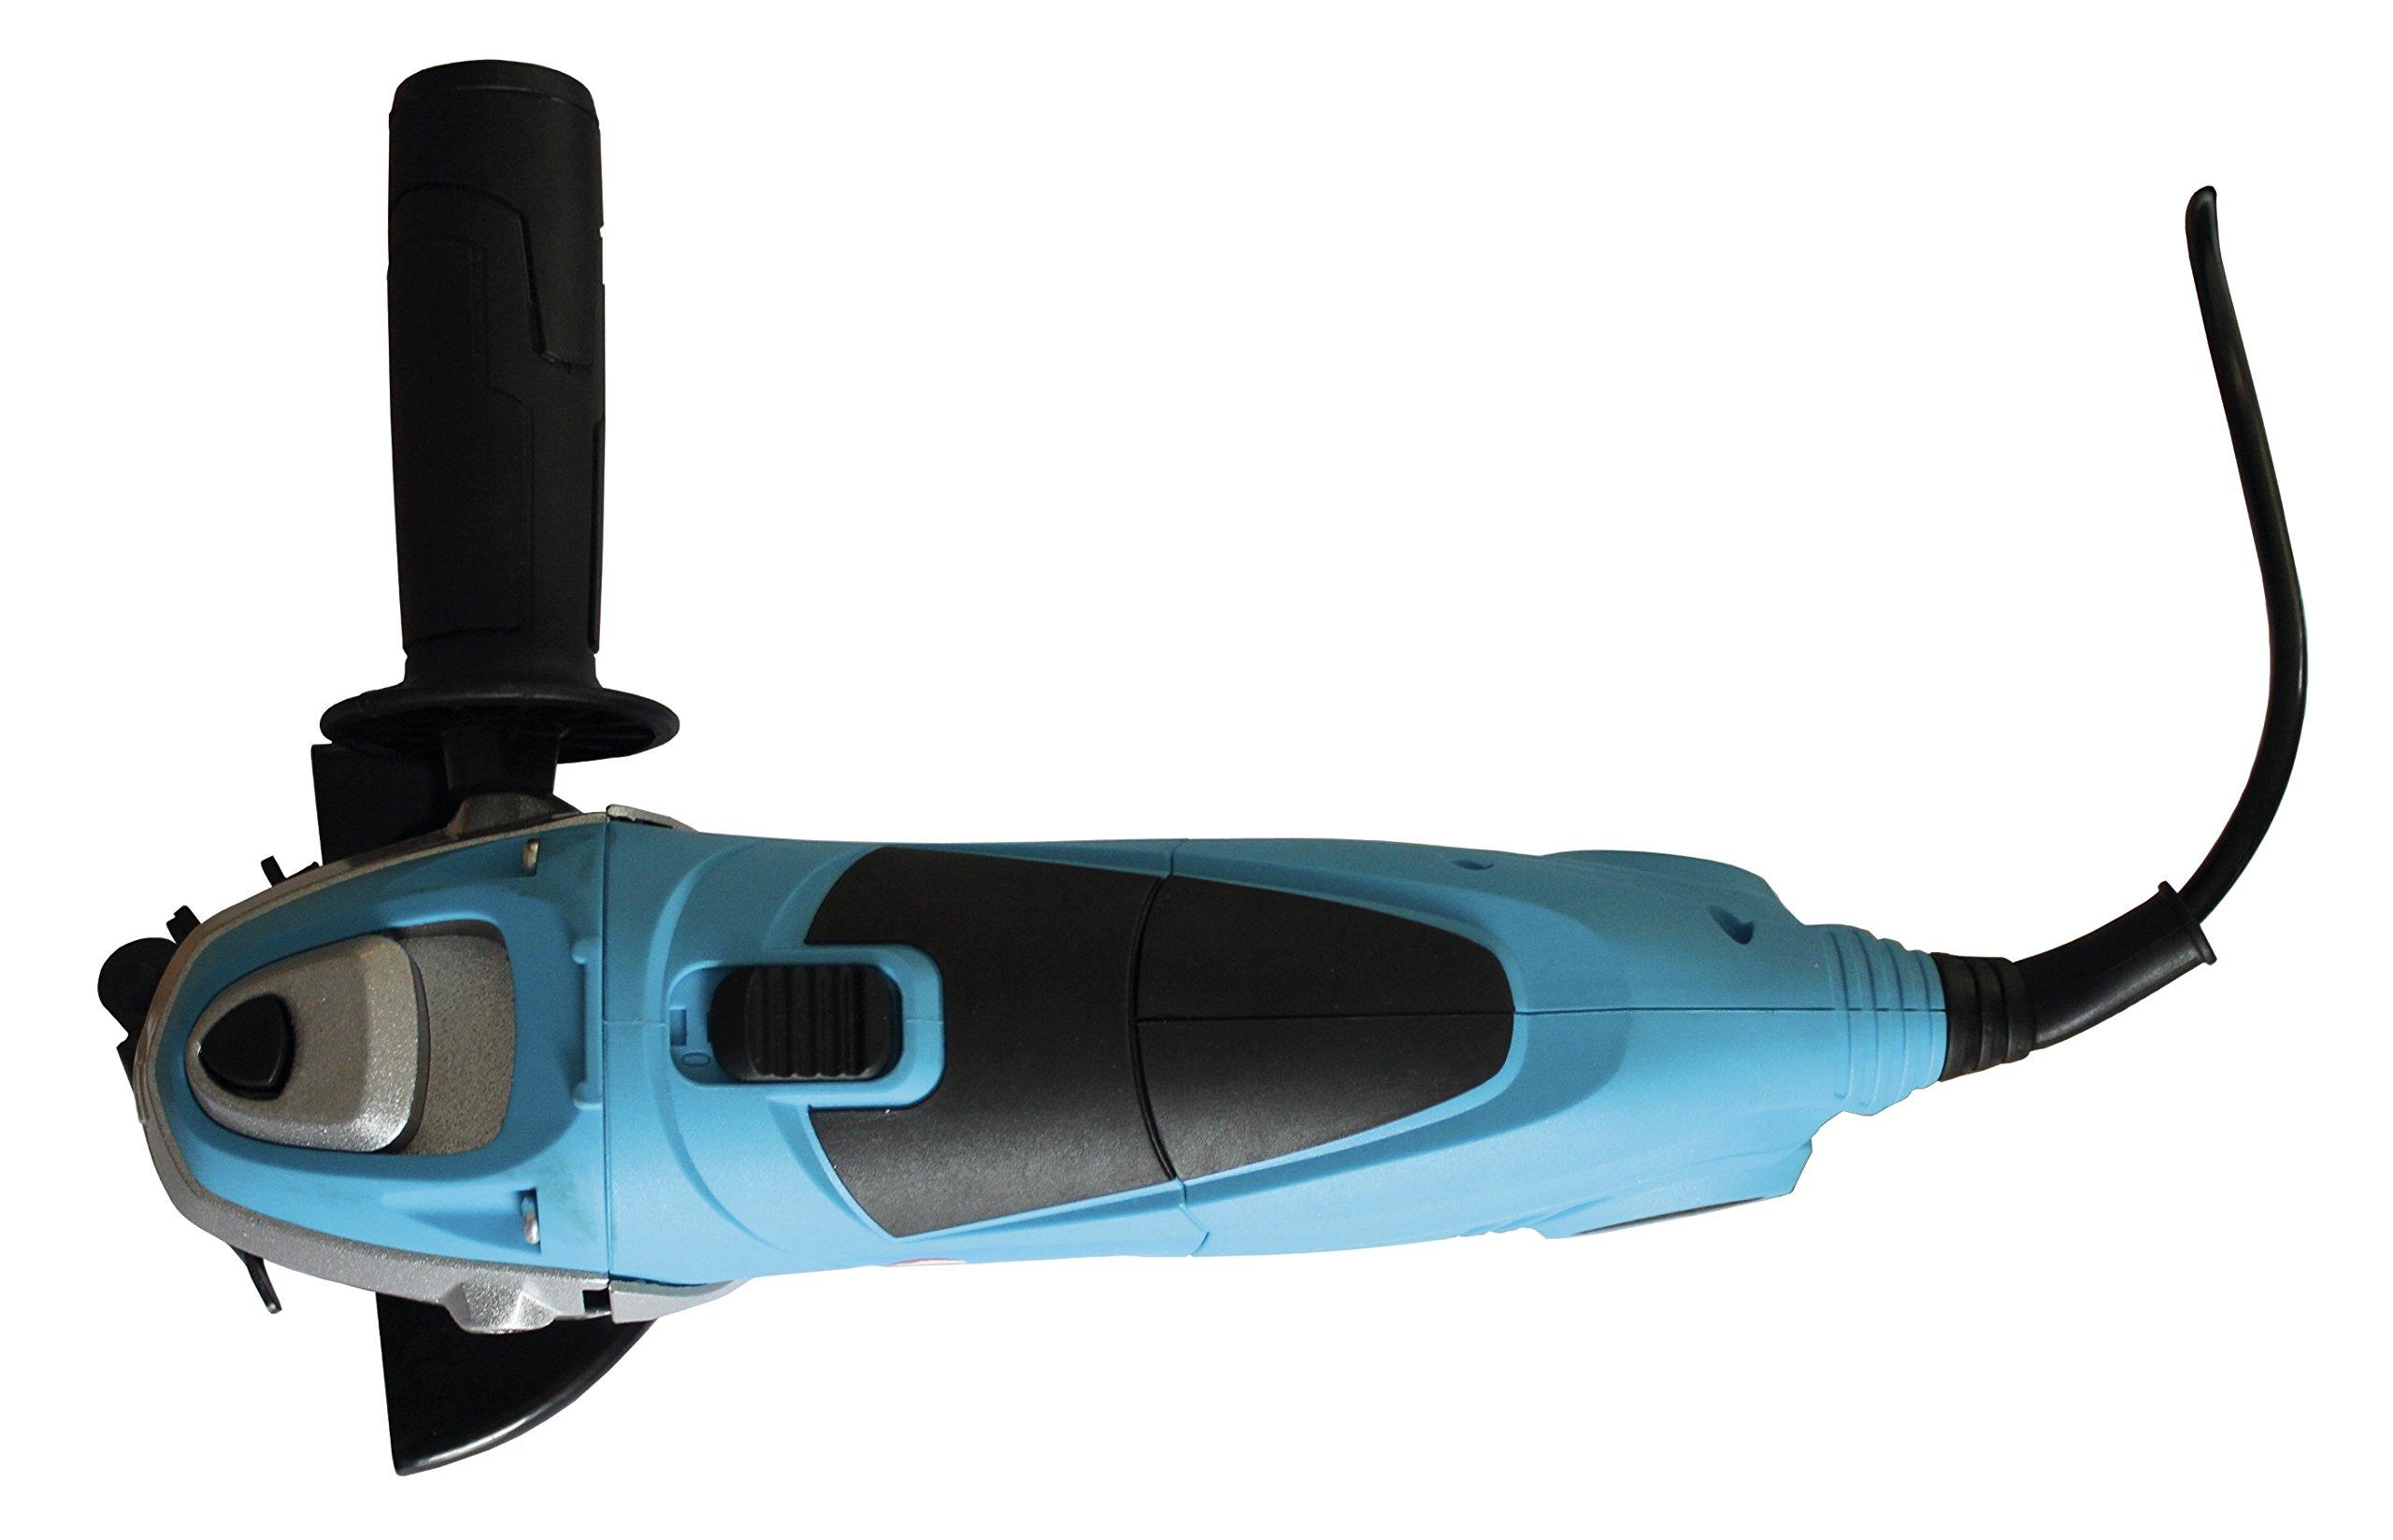 Leman LOMEU115 Amoladora, 900 W, 115 mm: Amazon.es: Bricolaje y herramientas